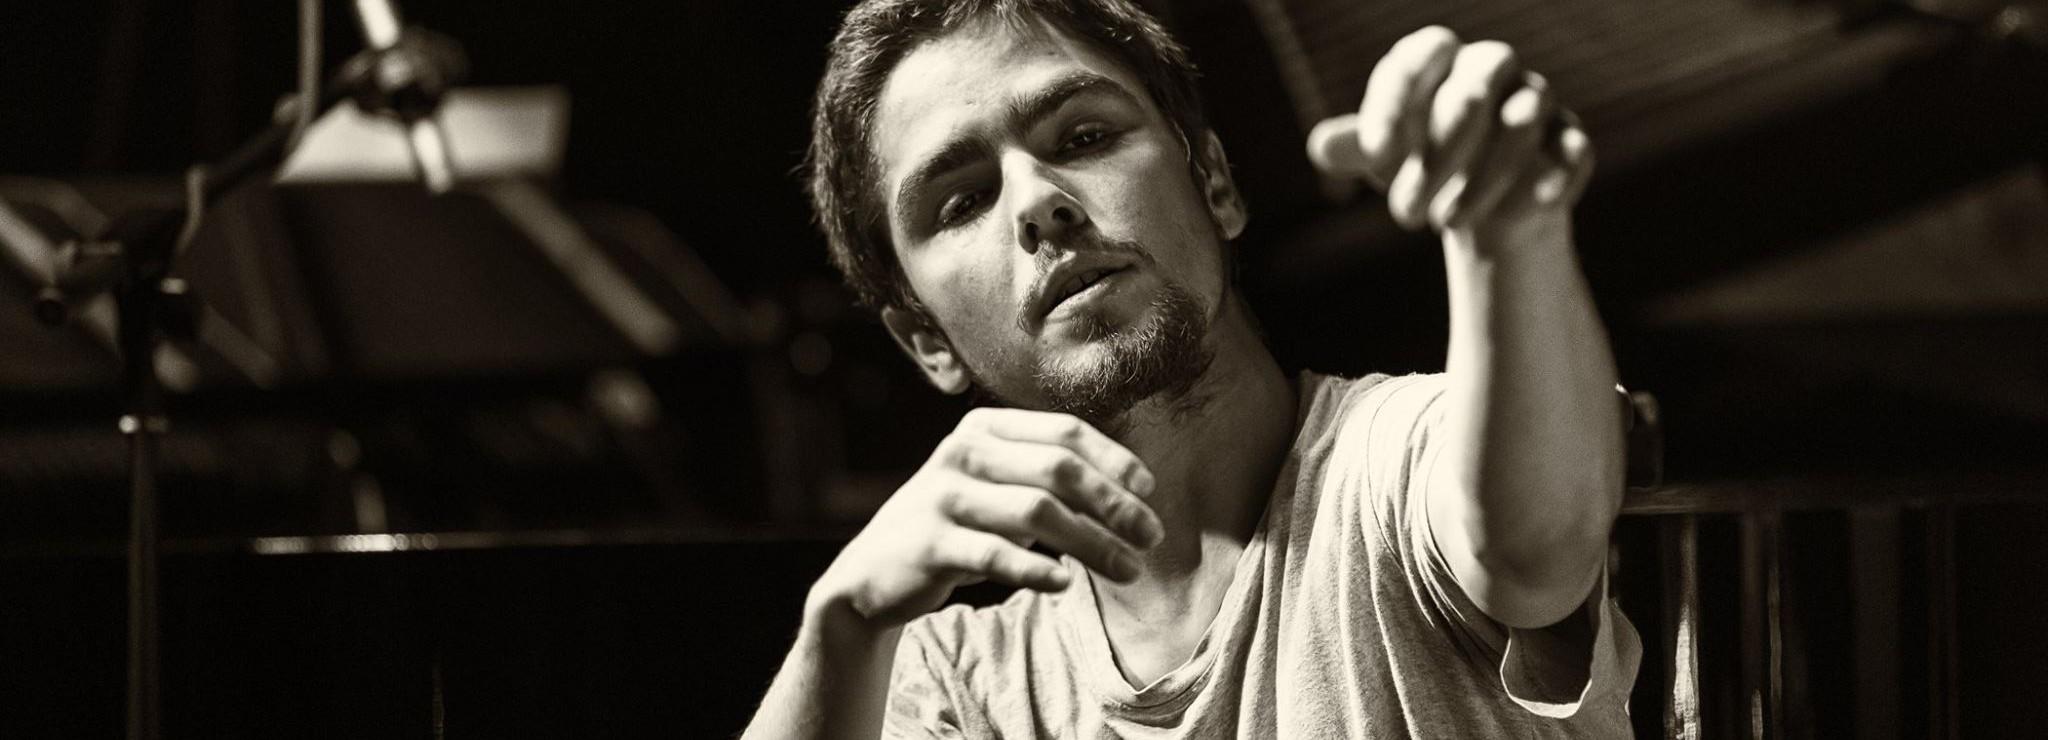 Danilo Valpassos Cardoso@samadhyana dance company